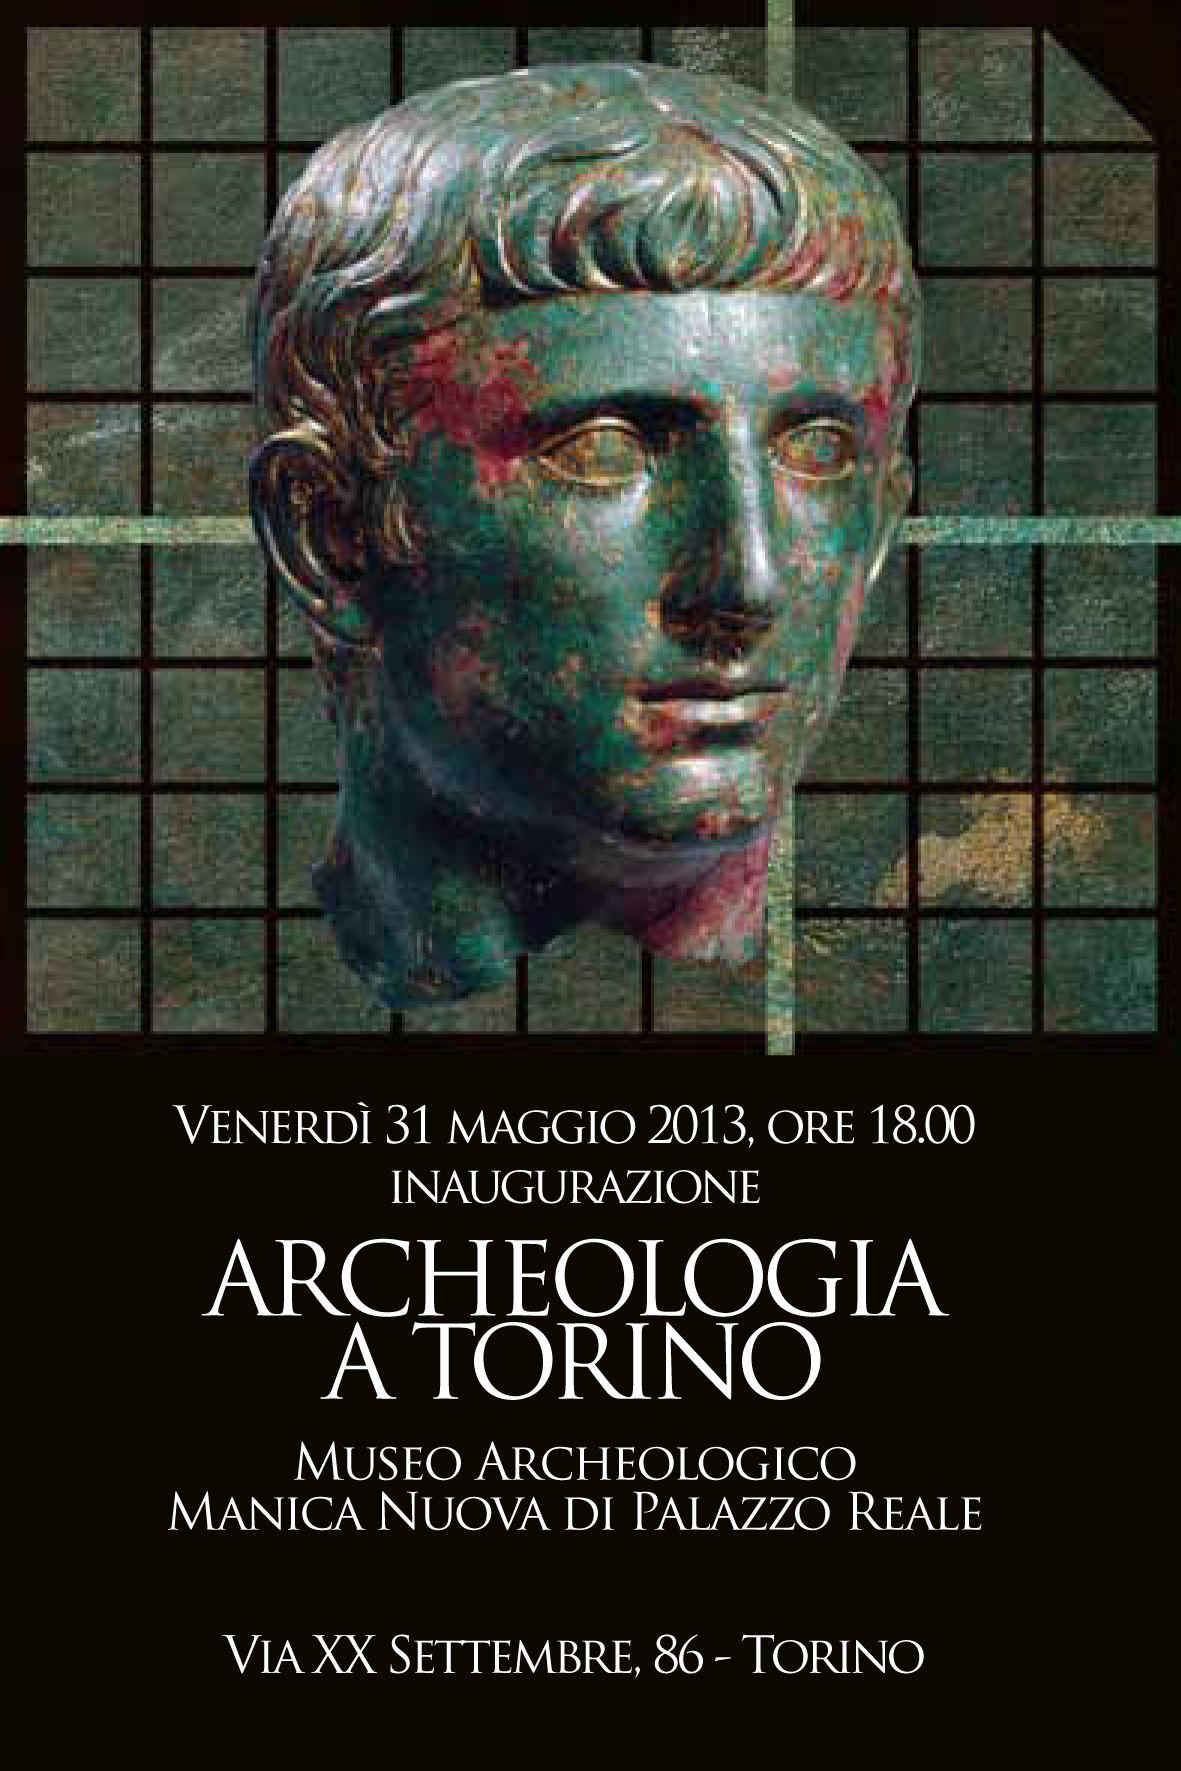 invito archeologia a torino alta